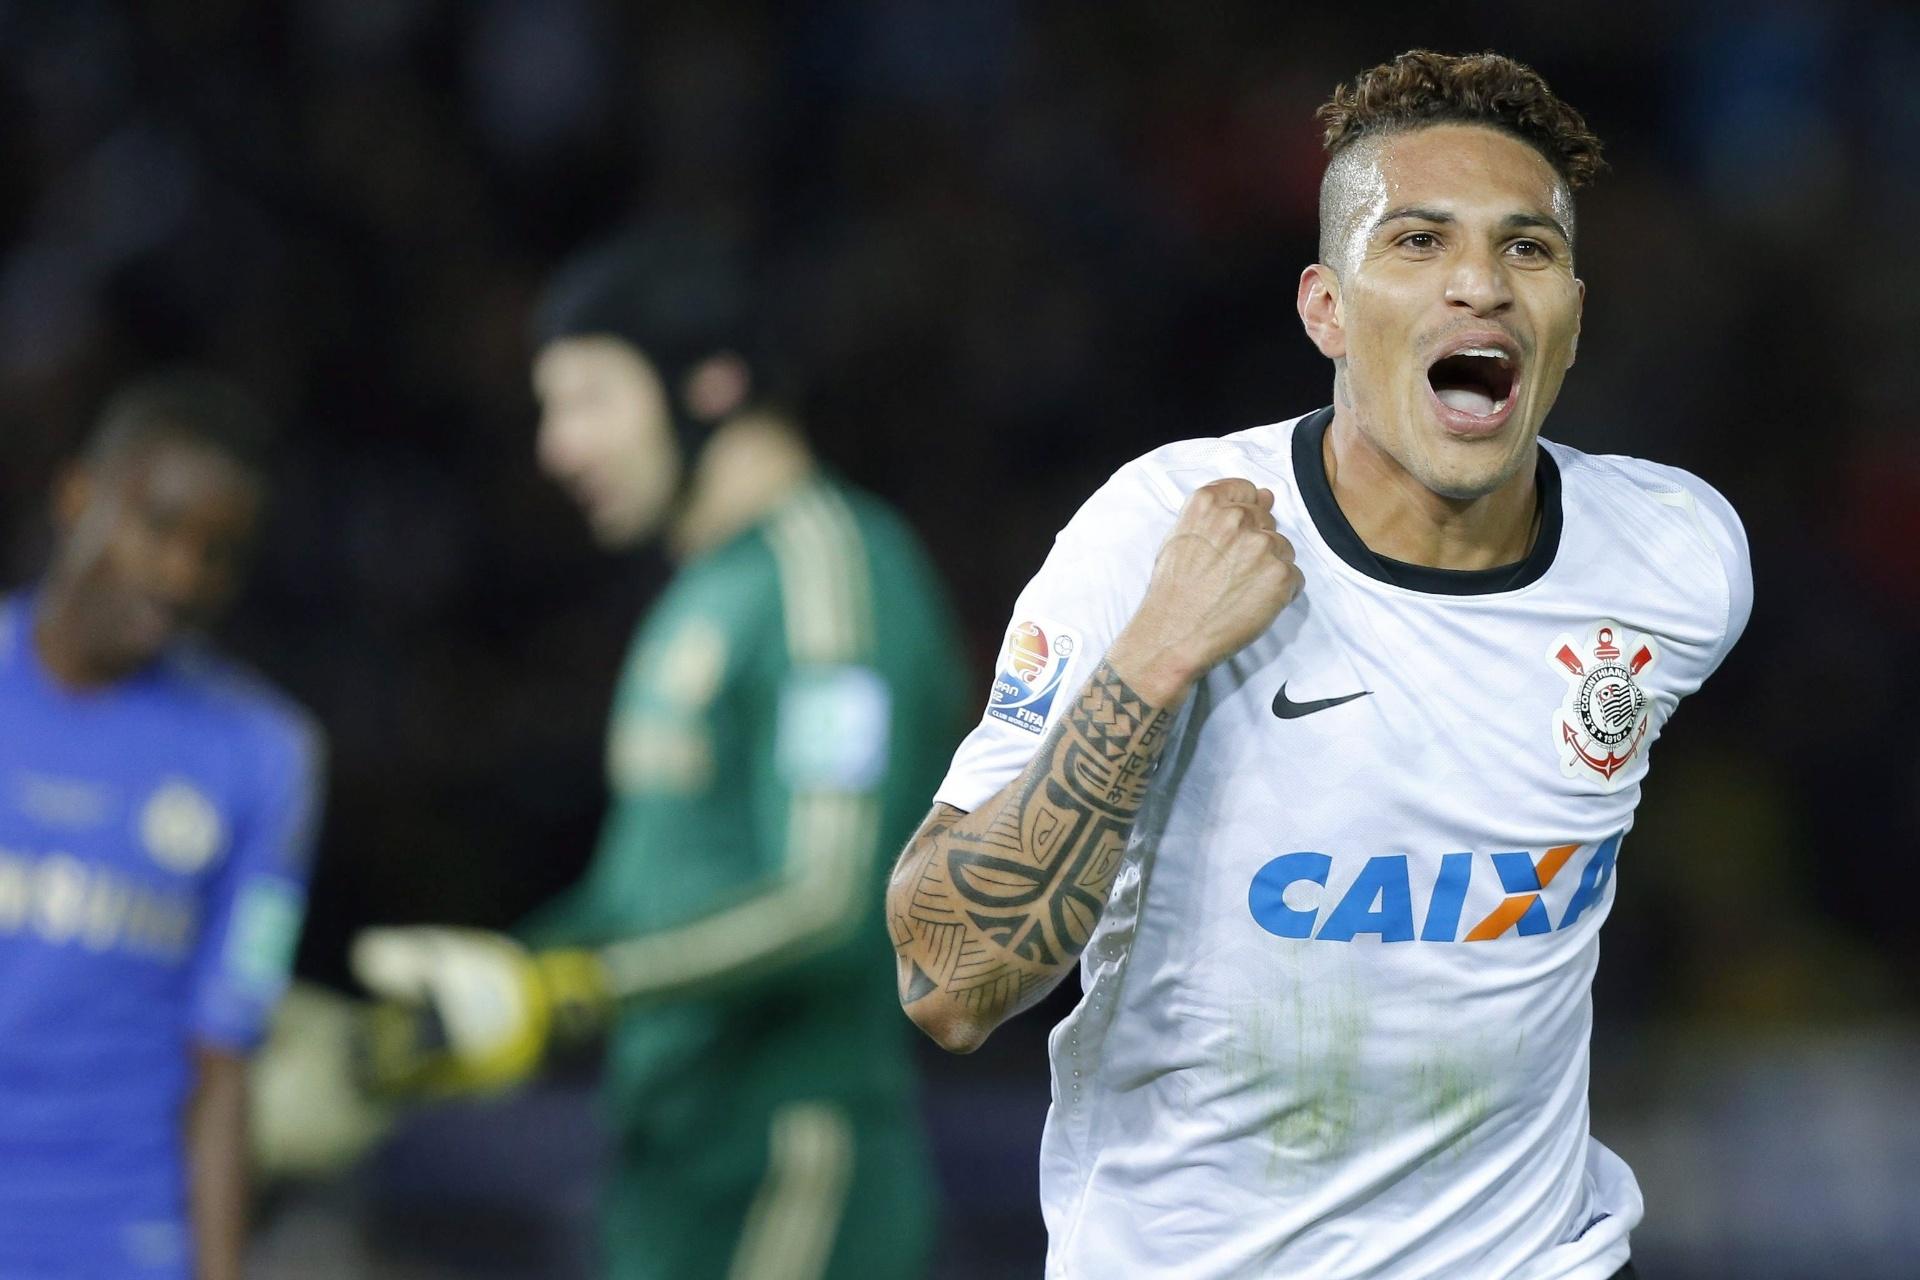 16.dez.2012 - Atacante Guerrero, do Corinthians, comemora seu gol contra o Chelsea, na final do Mundial de clubes da Fifa, em Yokohama, no Japão